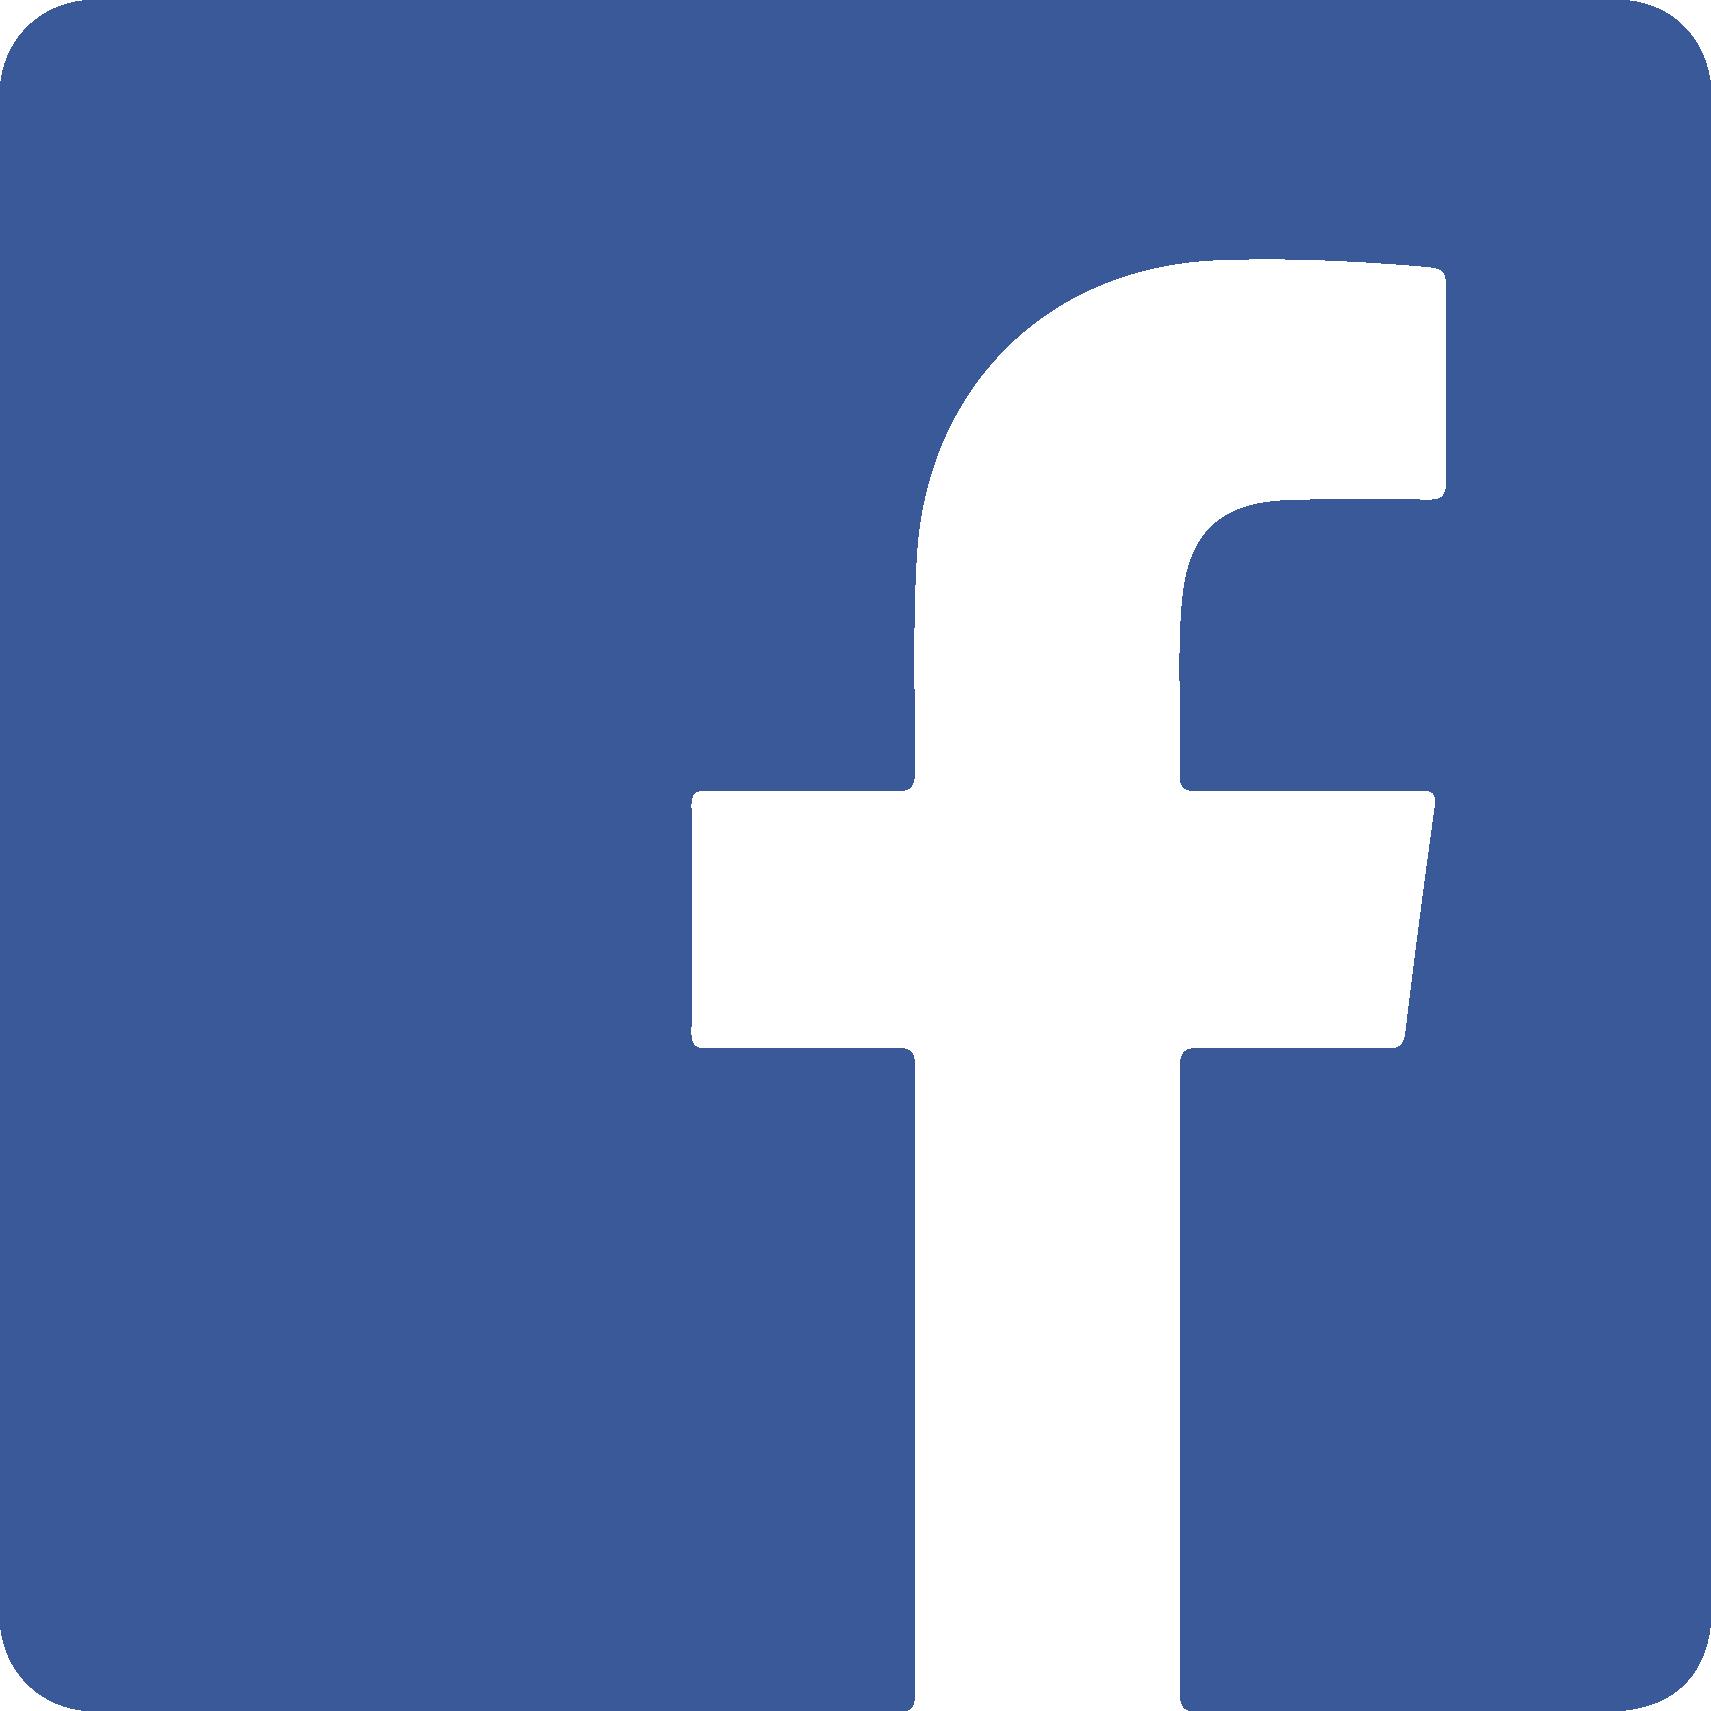 facebook vetor